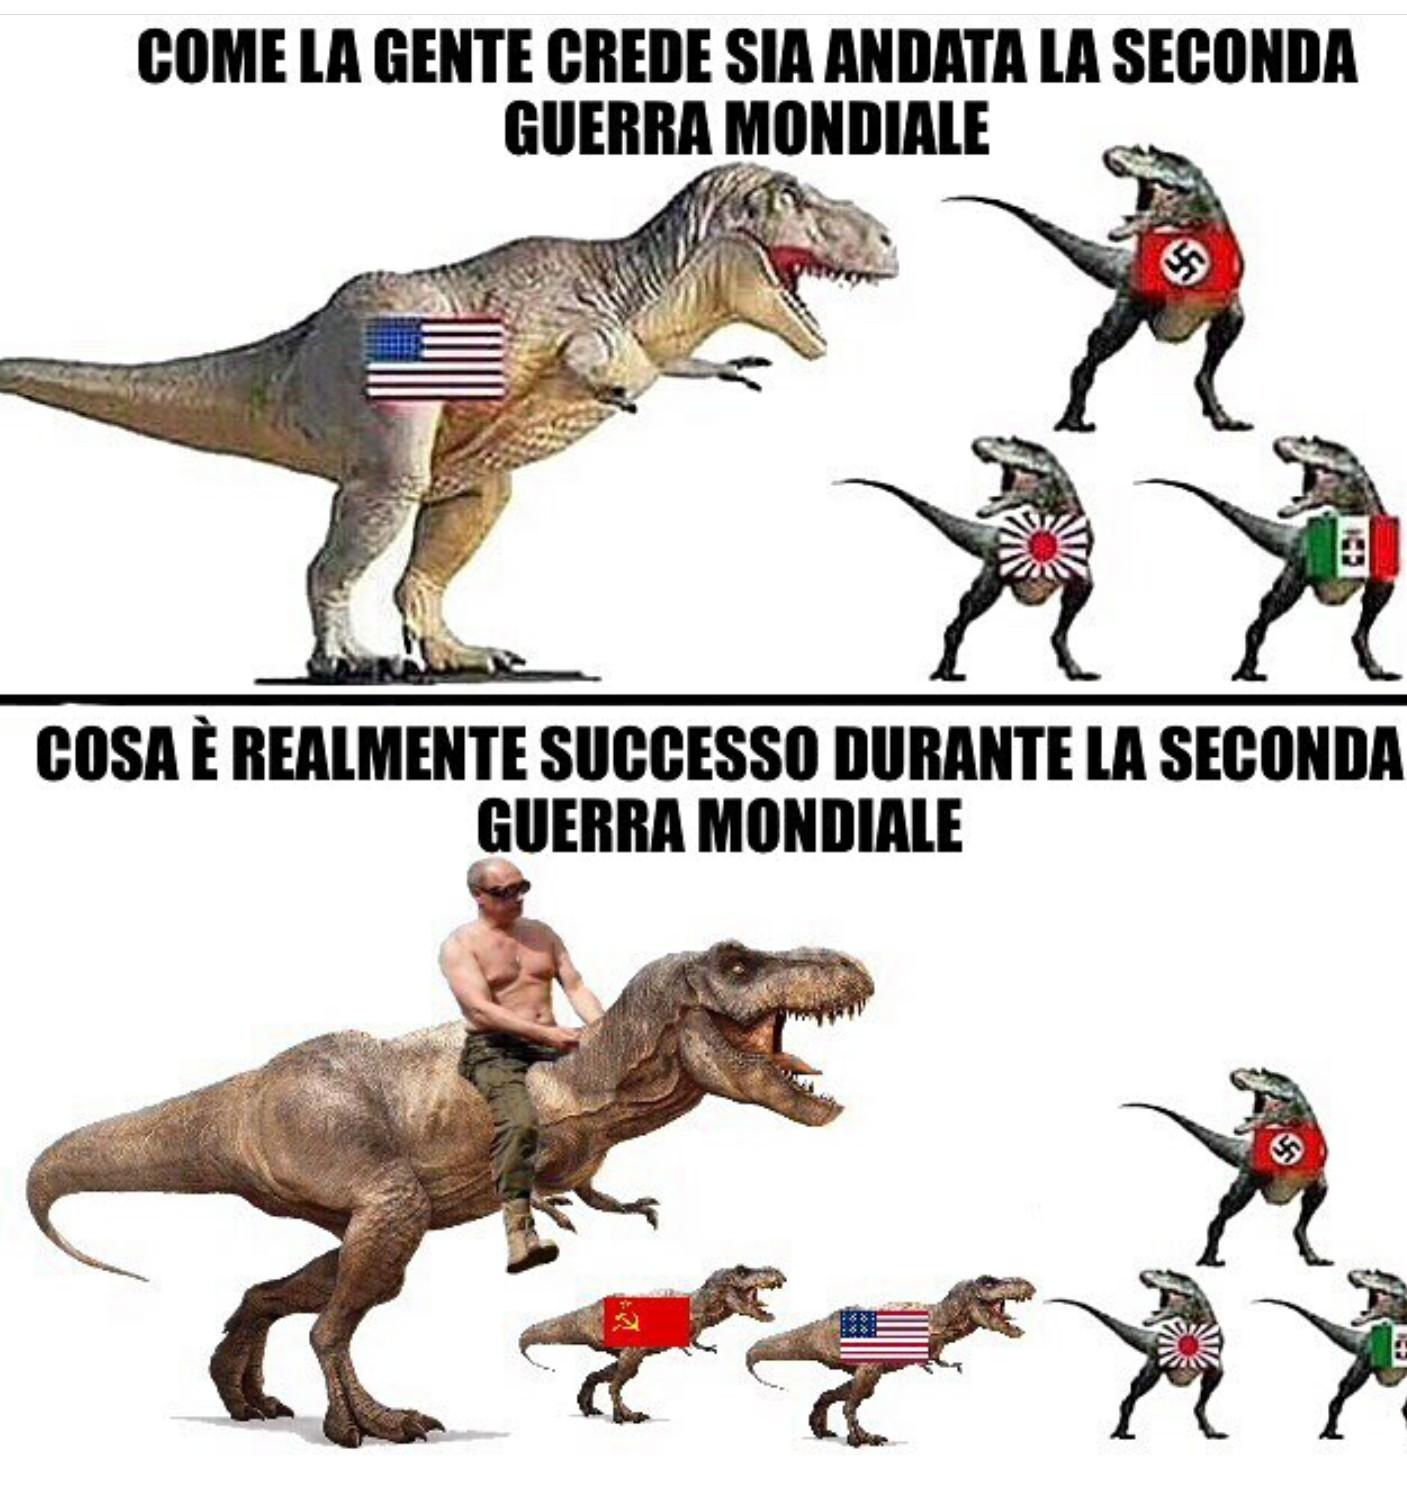 La vera storia - meme